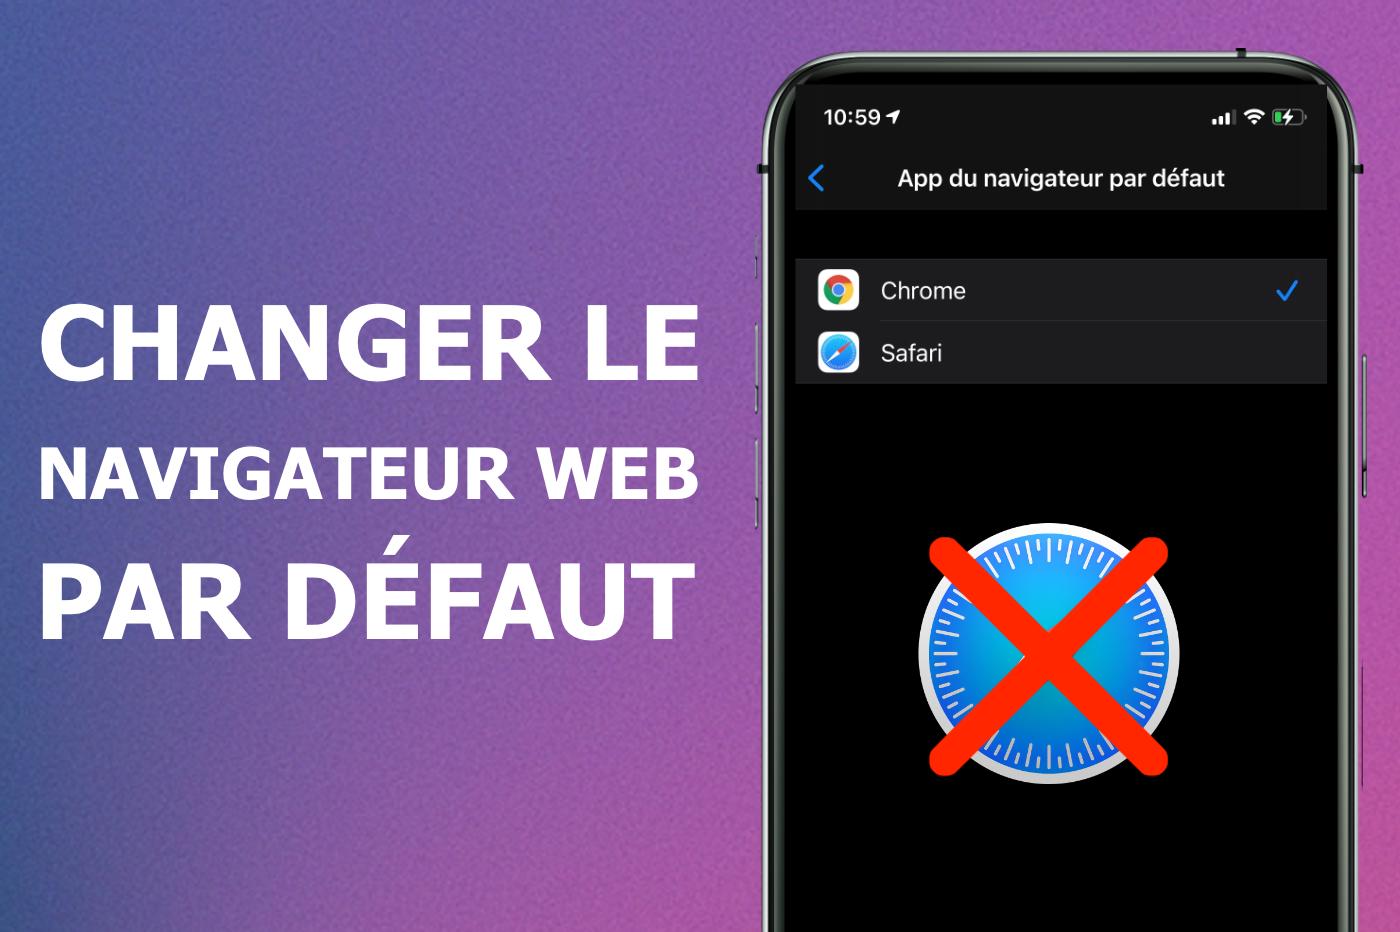 Tutoriel : changer le navigateur par défaut sur iPhone et iPad